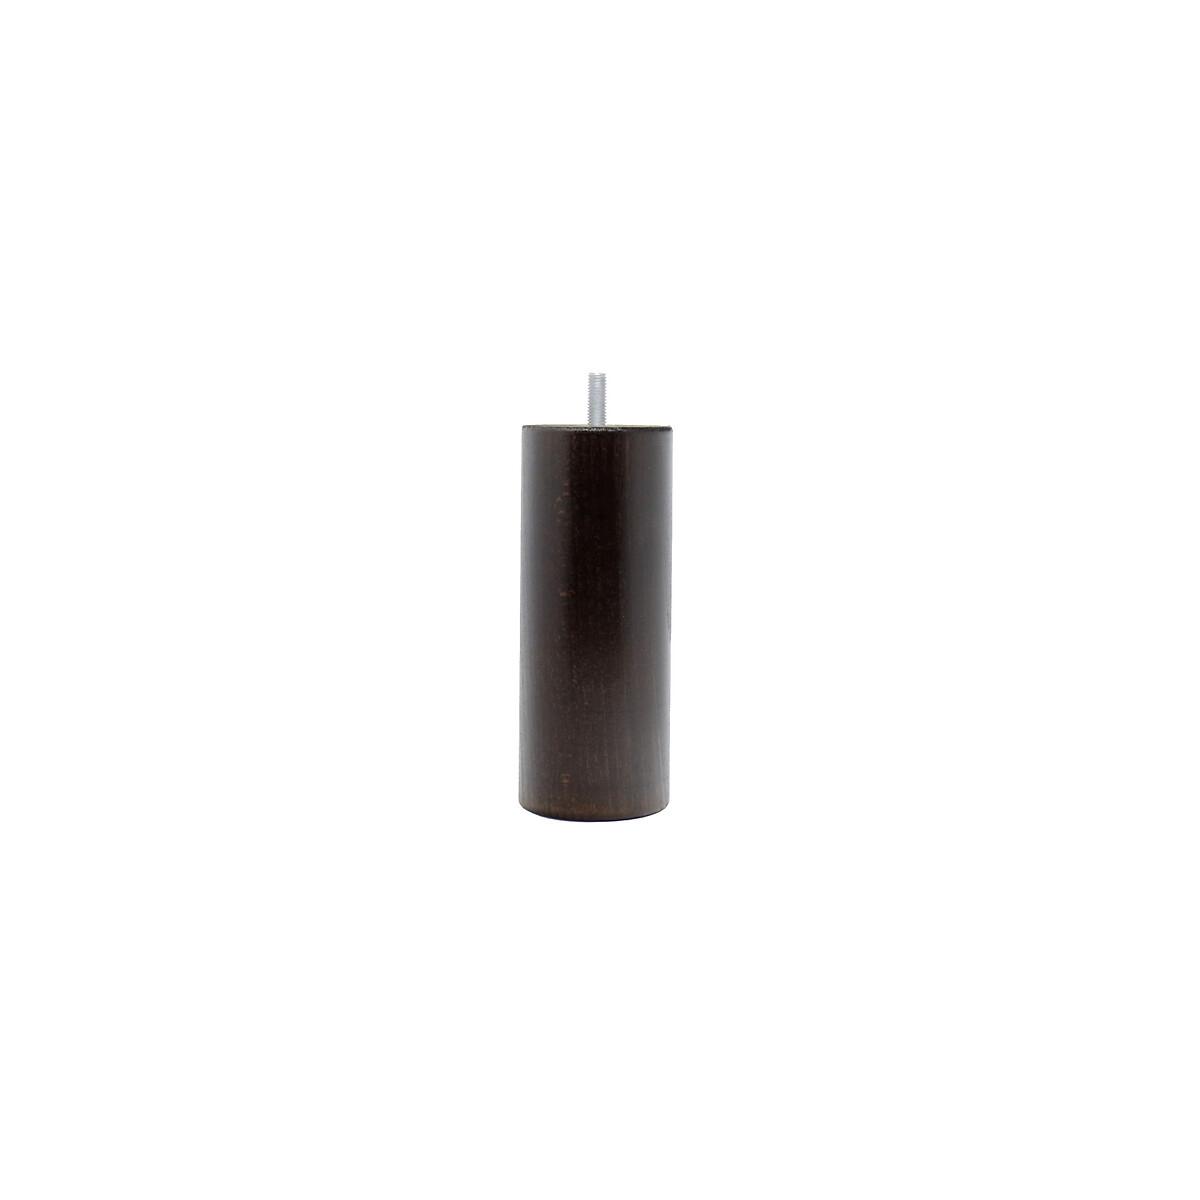 Набор LaRedoute Из 4 ножек для кроватного основания цилиндрической формы высота 15 см единый размер черный основания для кроватей